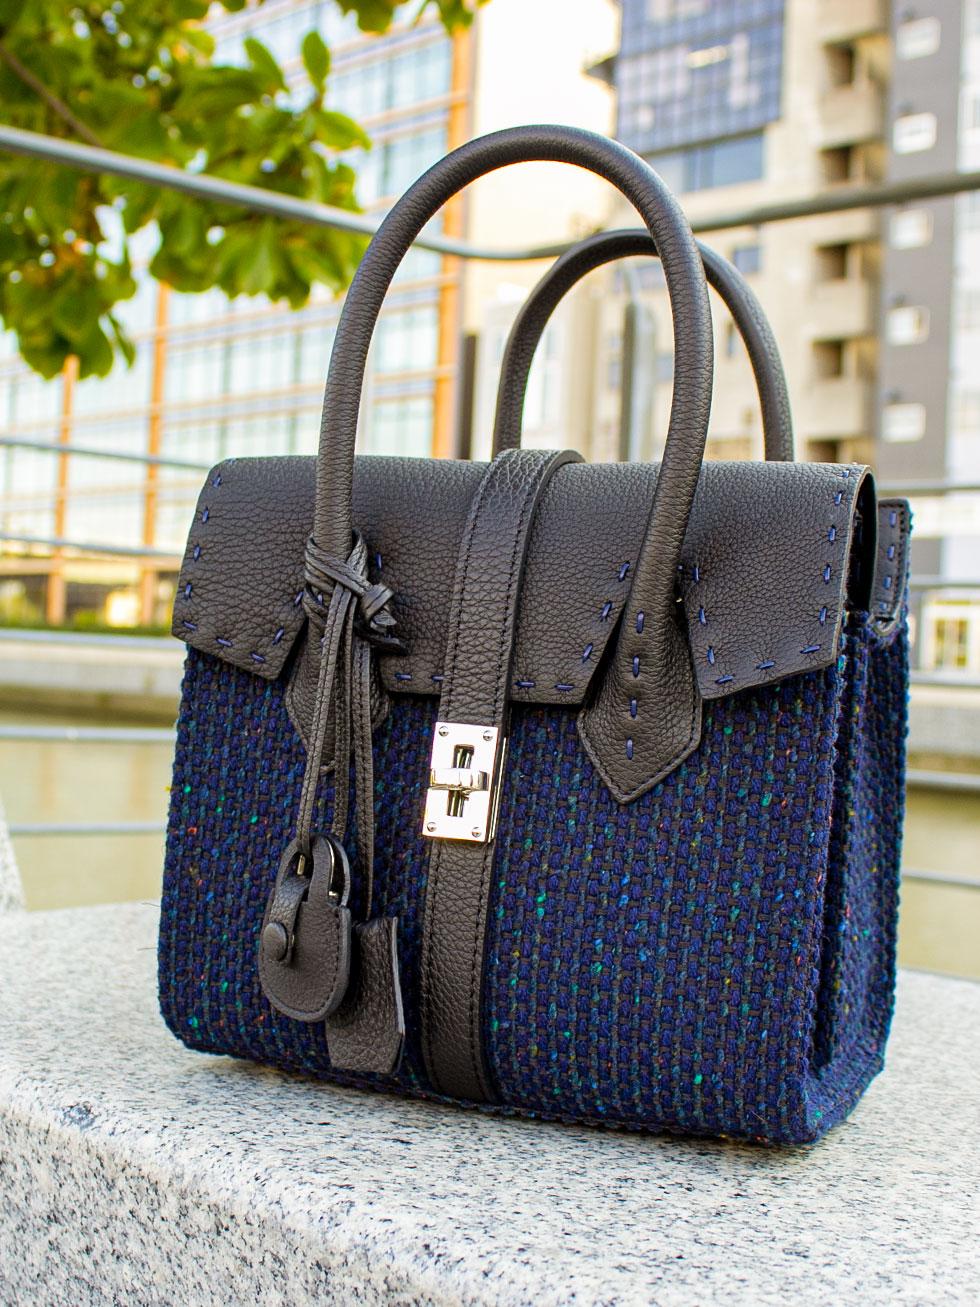 温かみのある美しいツイード、秋冬コーデにぴったりのフェミニンで大人可愛い本革バッグ。